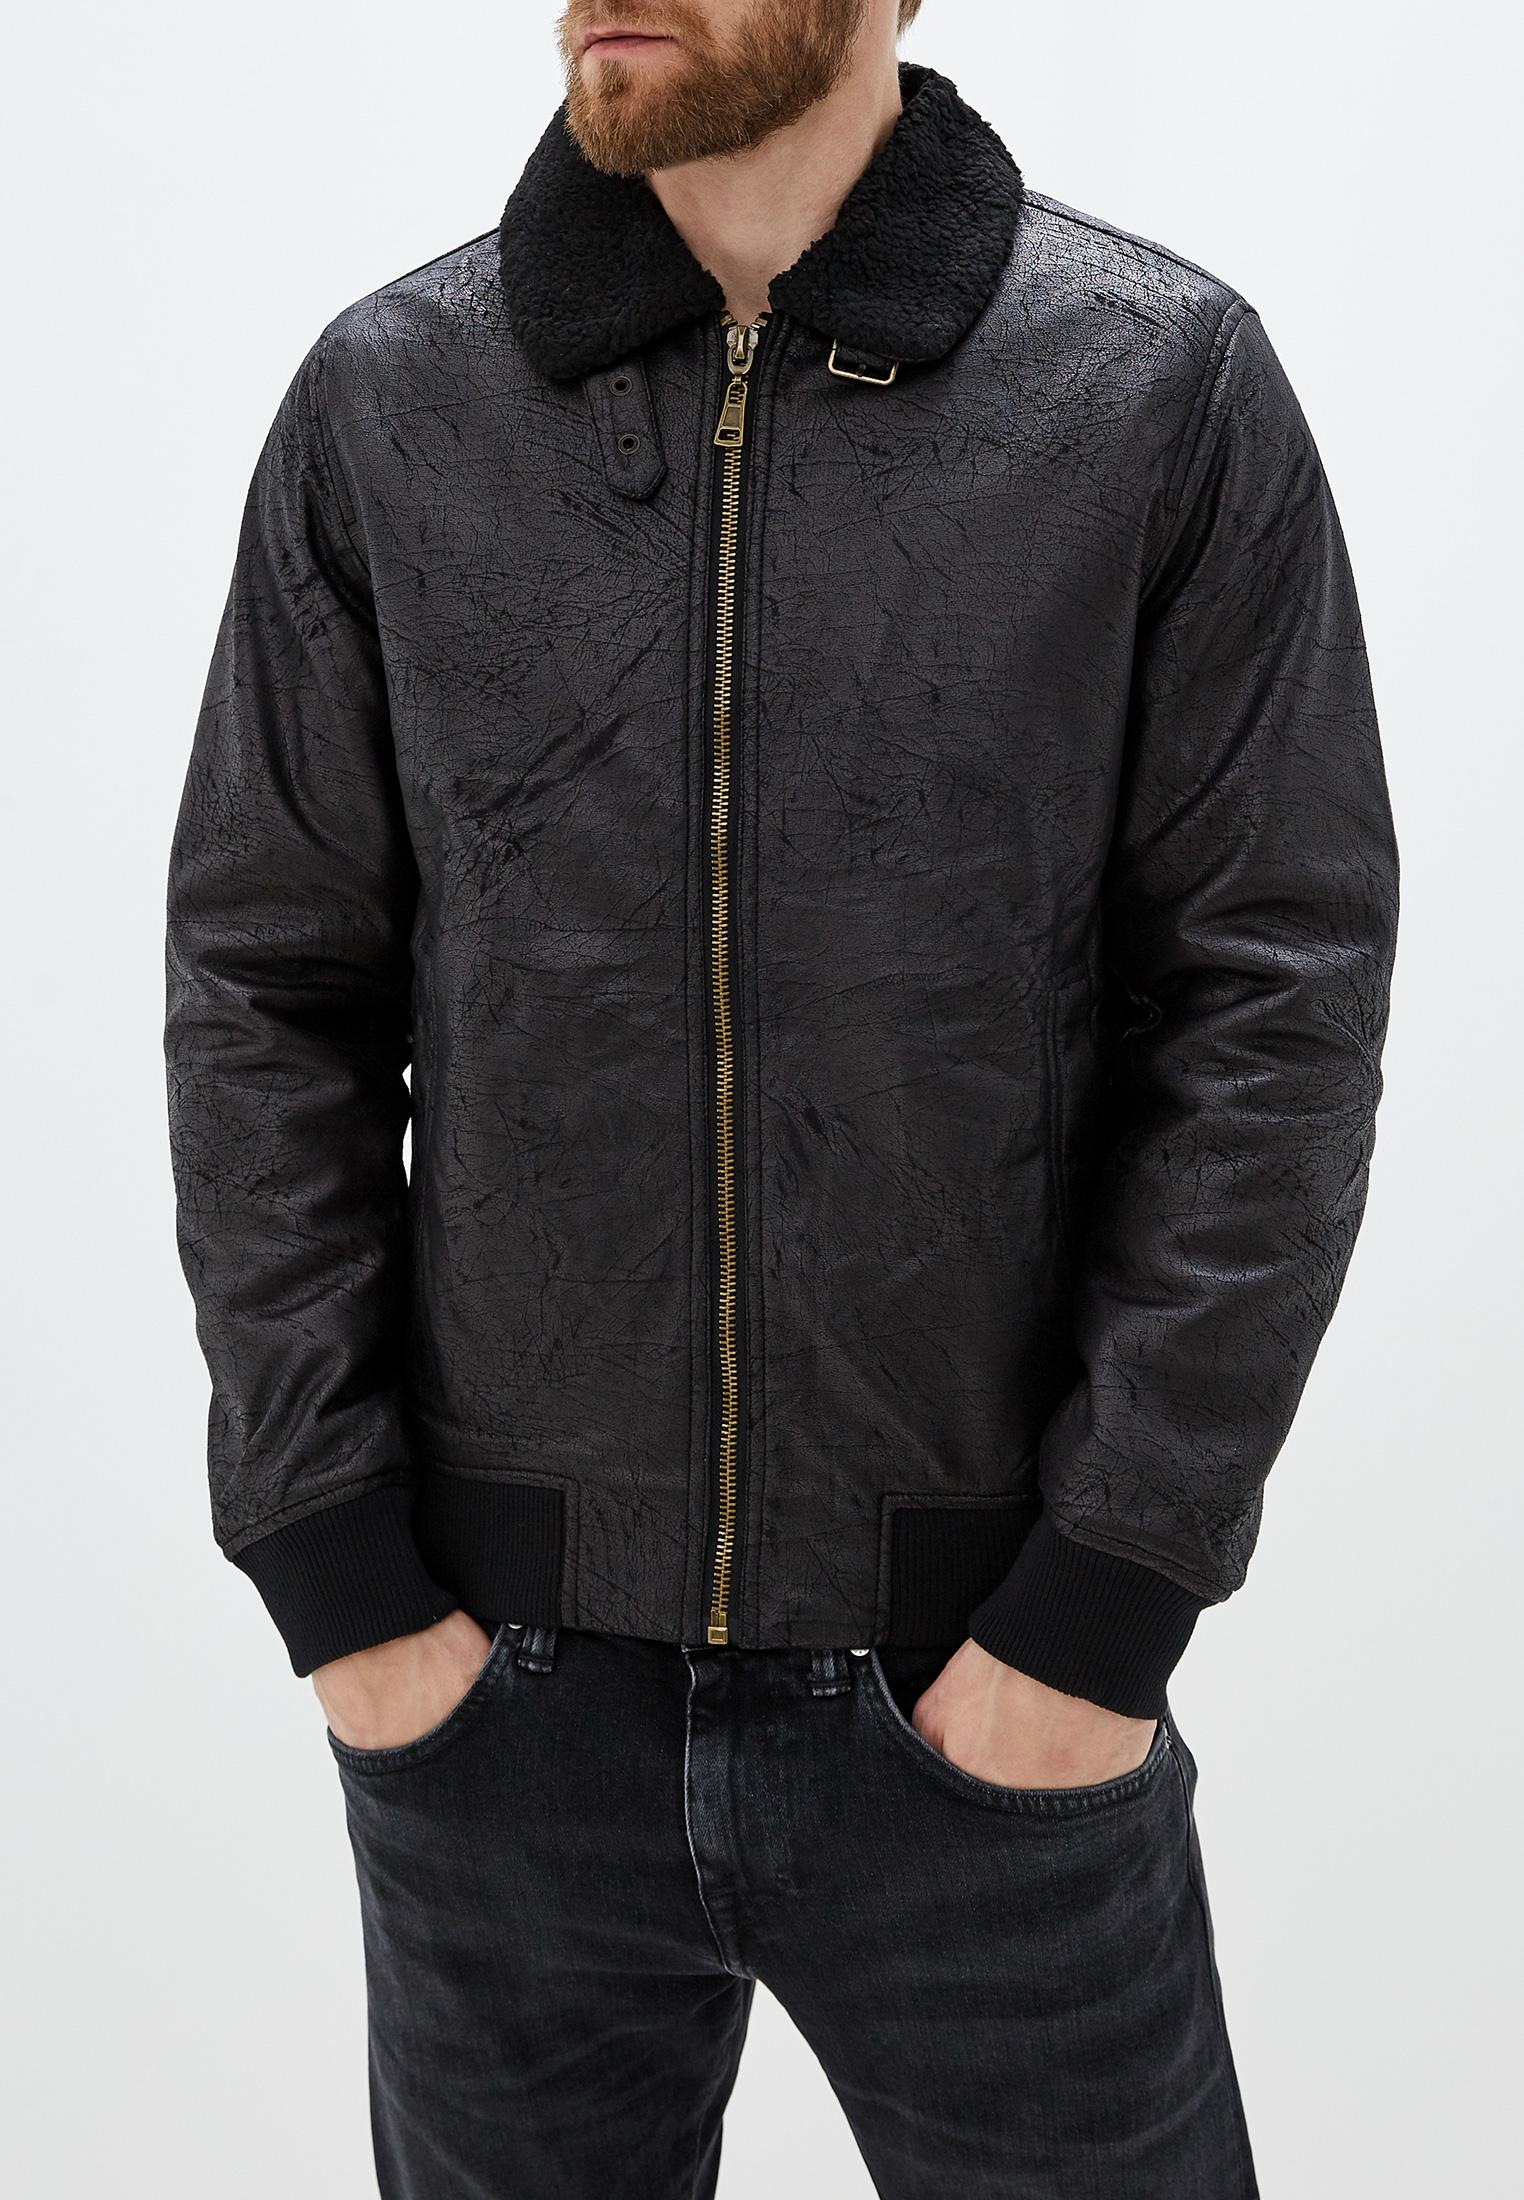 Куртка кожаная, Tony Backer, цвет: черный. Артикул: TO043EMHDSC1. Одежда / Верхняя одежда / Кожаные куртки